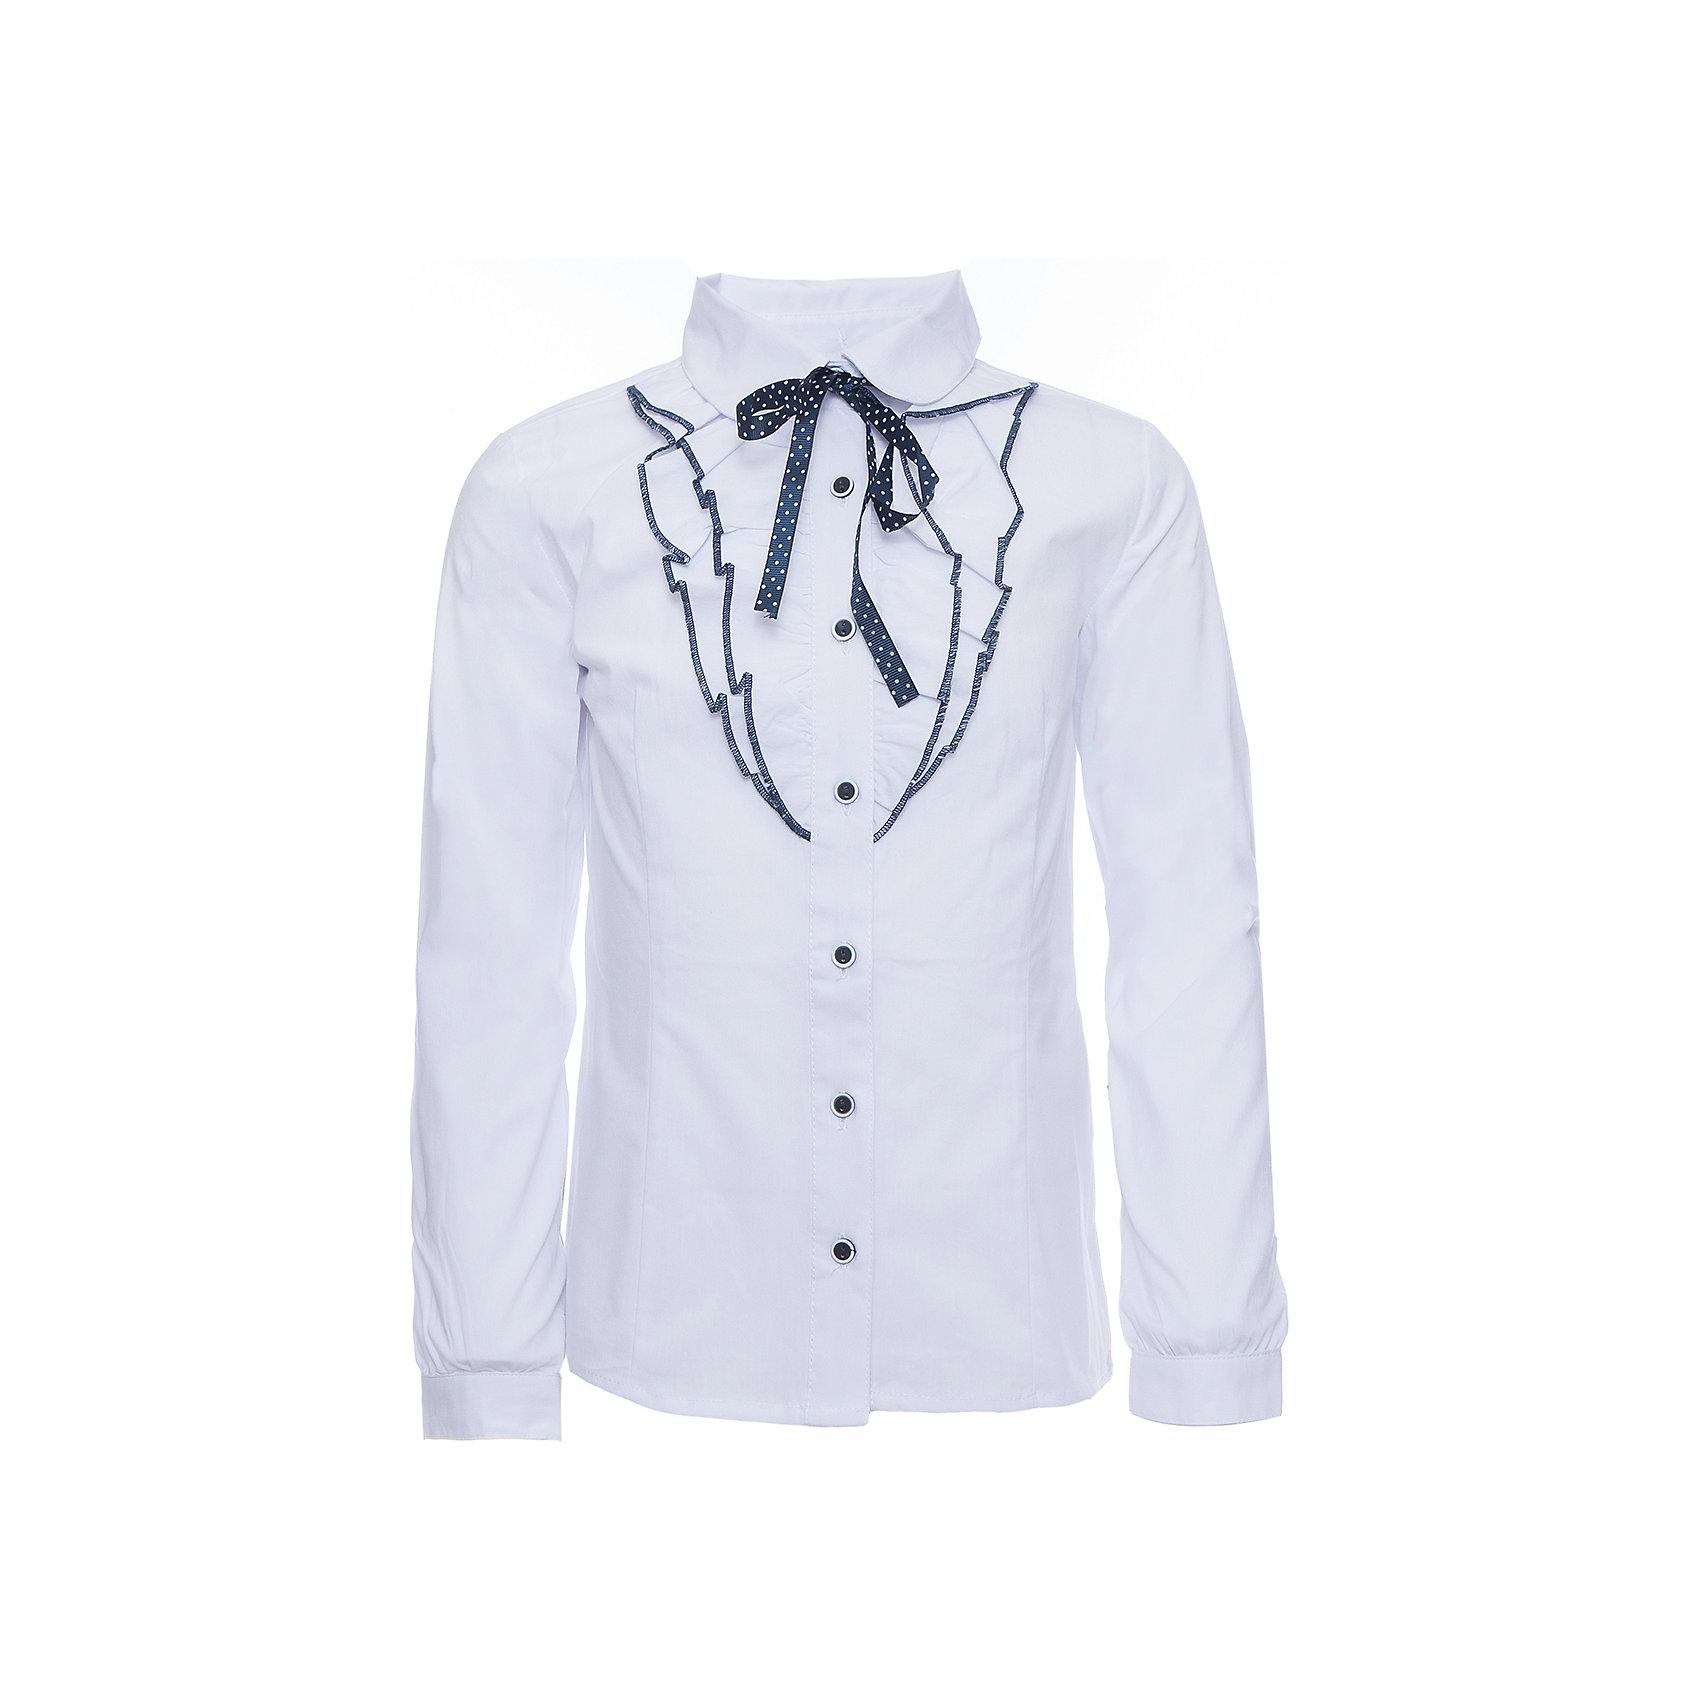 Блузка для девочки ScoolБлузки и рубашки<br>Блузка для девочки от известного бренда Scool<br>Состав:<br>65% хлопок, 32% полиэстер, 3% эластан<br>Стильная и женственная белая блузка. Застегивается на пуговицы. Украшена кокетливыми рюшами вдоль застежки и атласной темно-синей тесьмой в белый горошек под воротником.<br><br>Ширина мм: 186<br>Глубина мм: 87<br>Высота мм: 198<br>Вес г: 197<br>Цвет: белый<br>Возраст от месяцев: 108<br>Возраст до месяцев: 120<br>Пол: Женский<br>Возраст: Детский<br>Размер: 140,134,122,128,146,152,164,158<br>SKU: 4686993